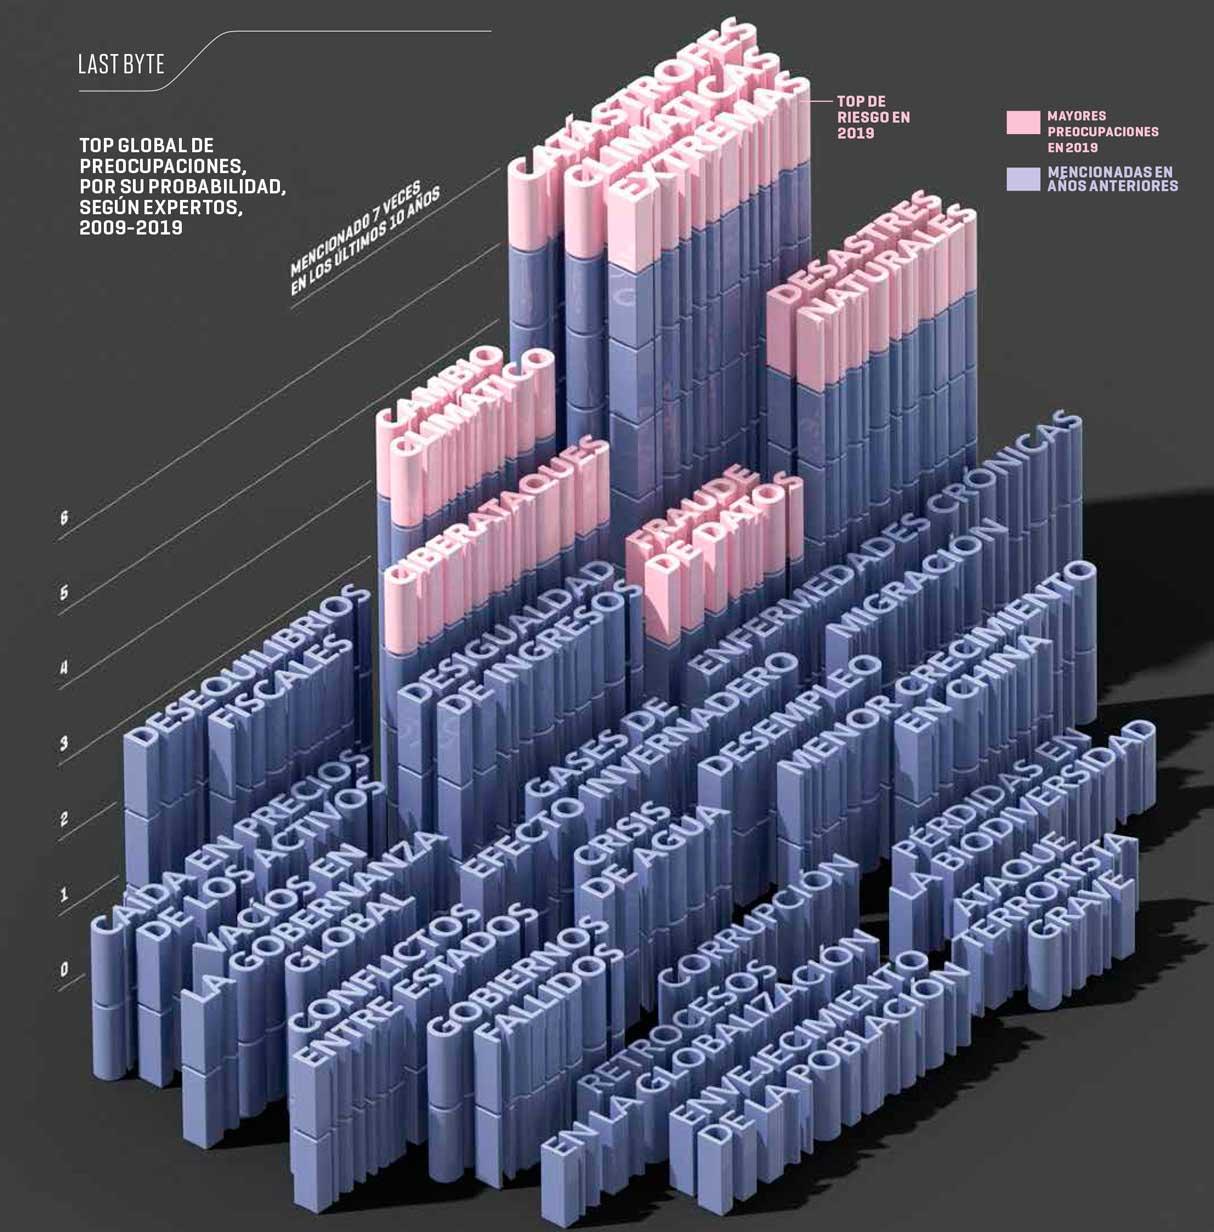 Los temores de los líderes empresariales | Infografía: Federico Ruíz para Paintbox